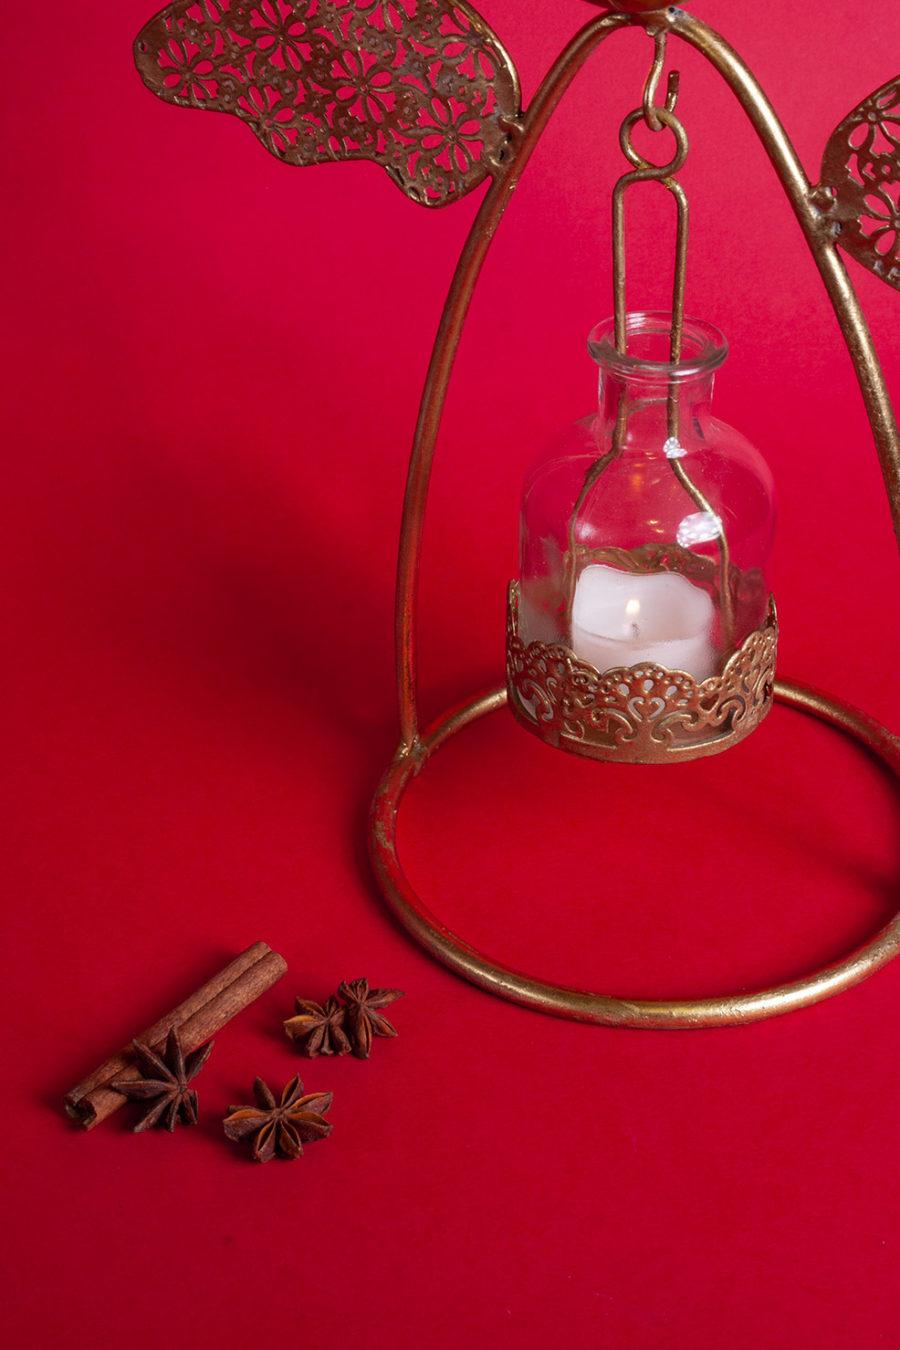 Angelo portacandela oro realizzato in ferro, ideale come decorazione natalizia e per creare un'atmosfera suggestive per i giorni più belli dell'anno.